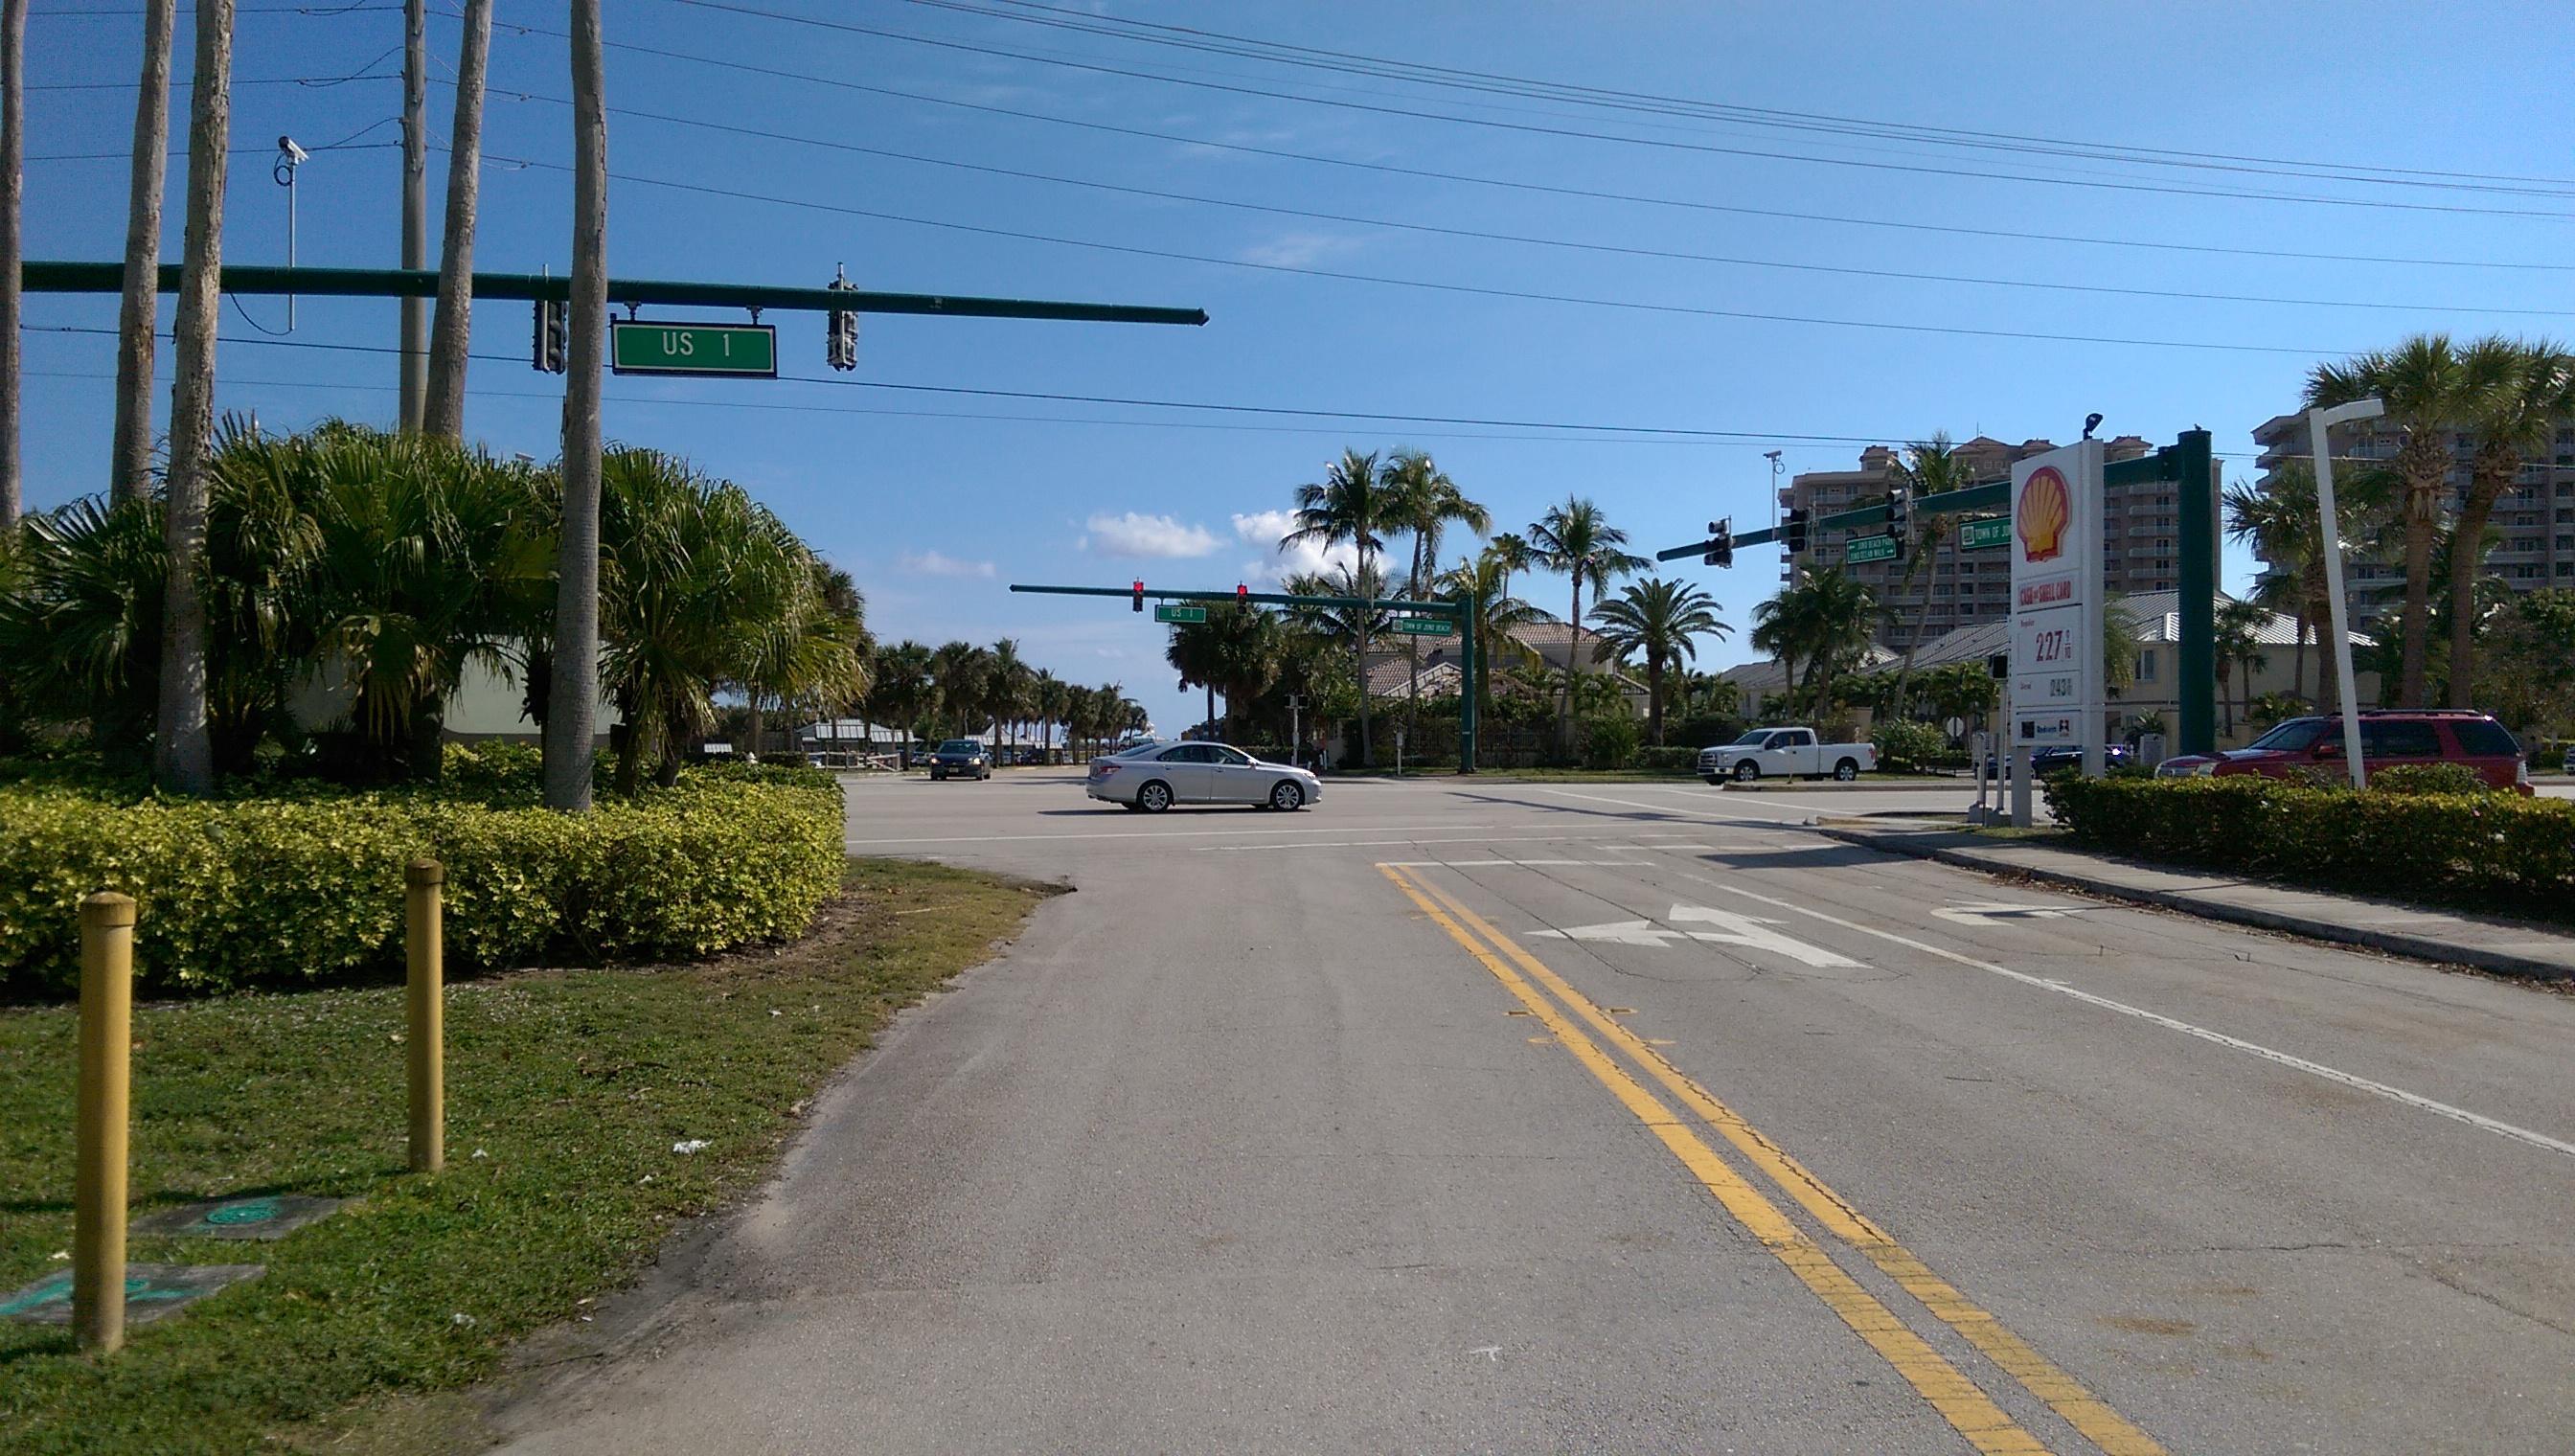 790 Juno Ocean Walk Unit 102c, Juno Beach, Florida 33408, image 12